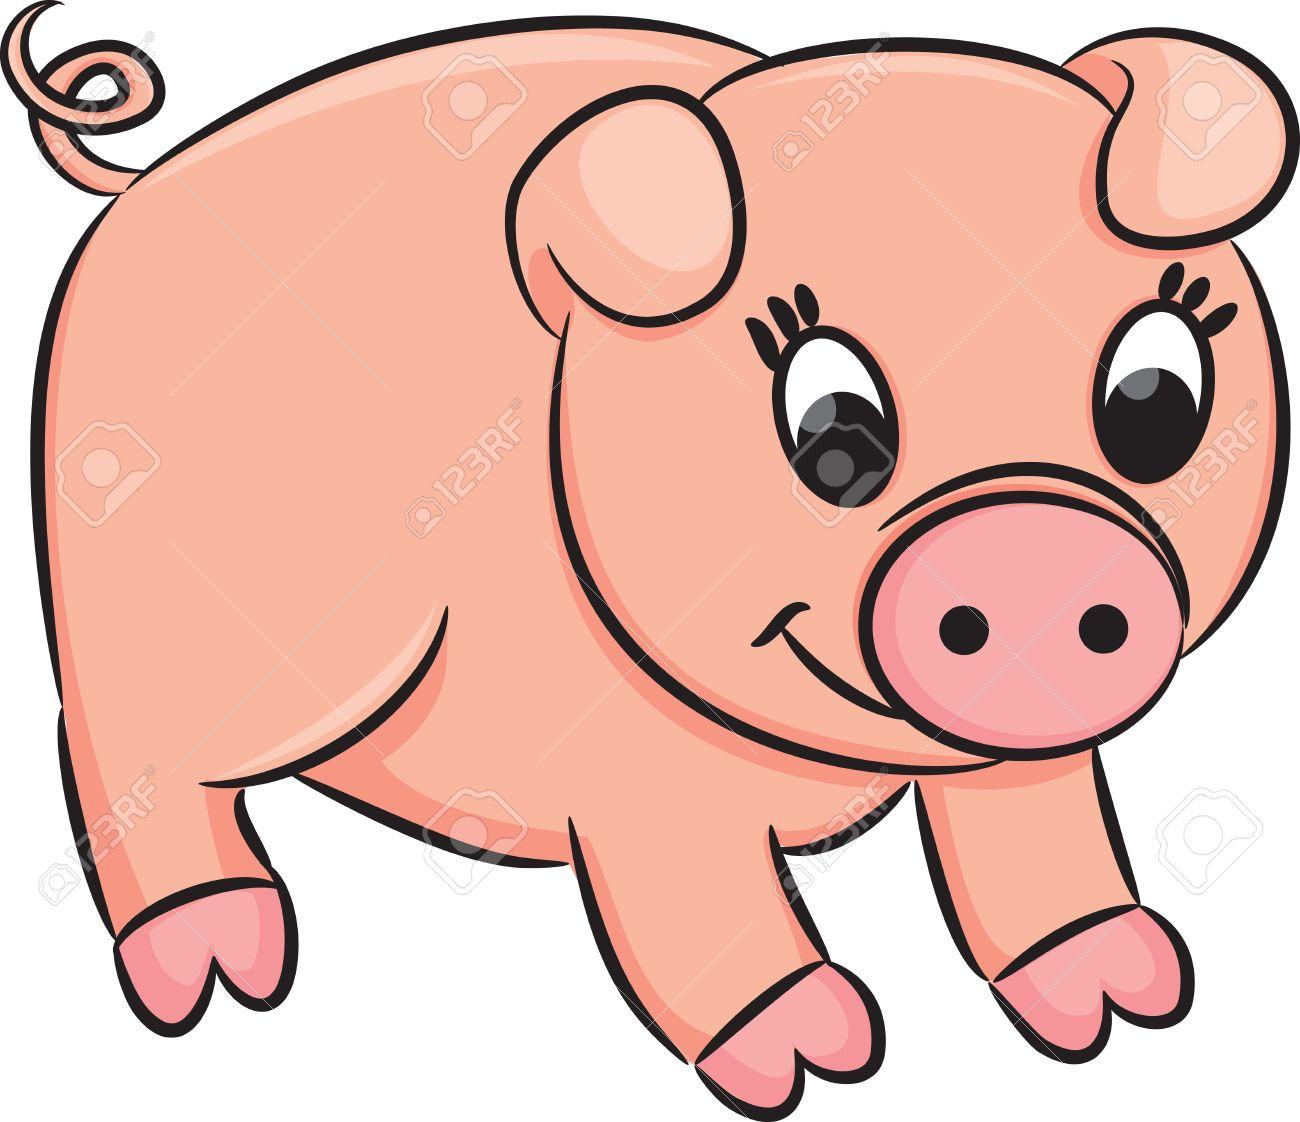 Cochon Dessin cochon dessin animé. clip art libres de droits , vecteurs et